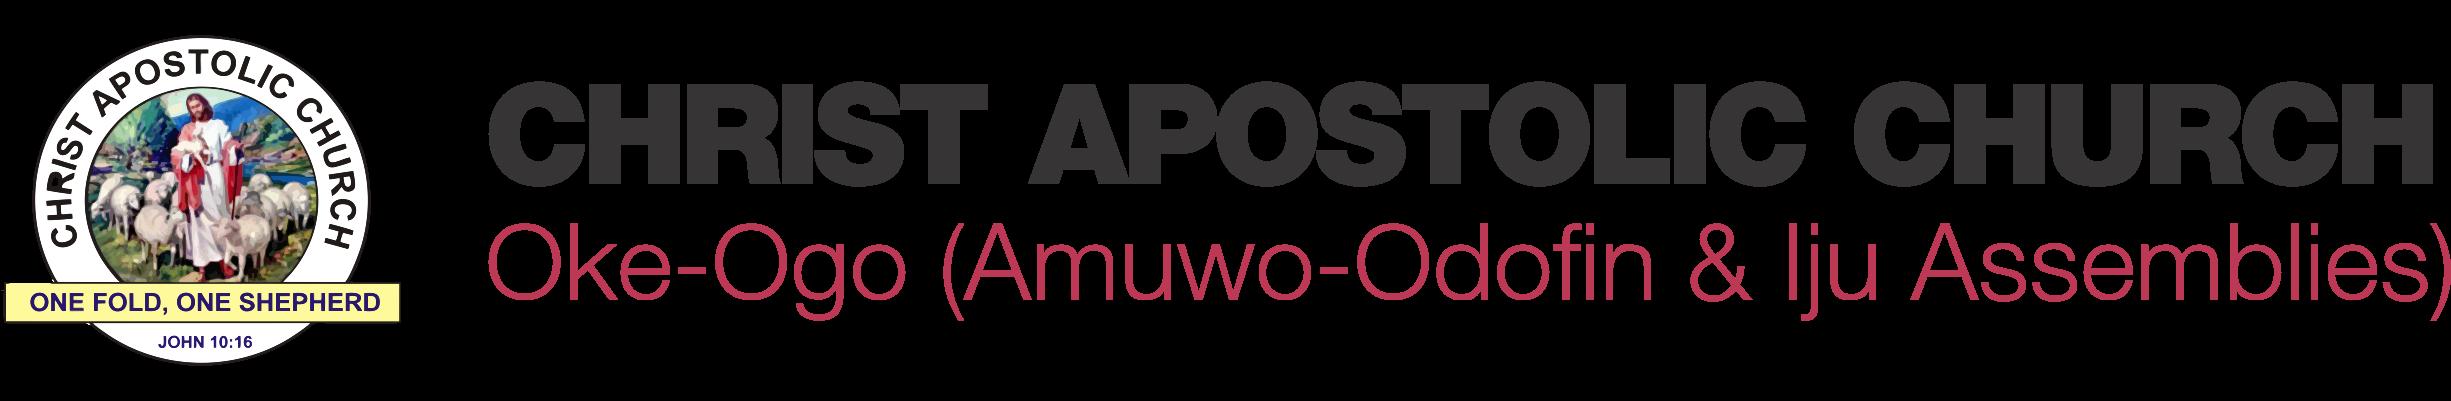 Christ Apostolic Church Oke-Ogo